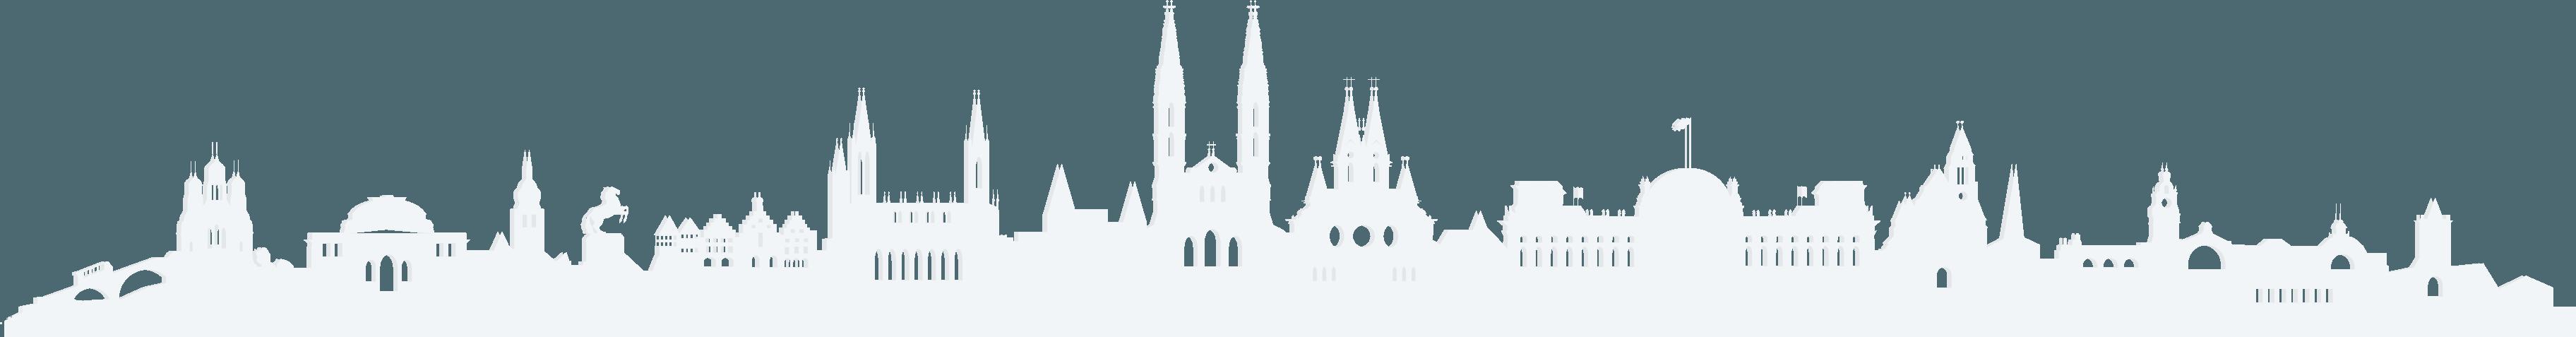 Skyline von Wiesbaden